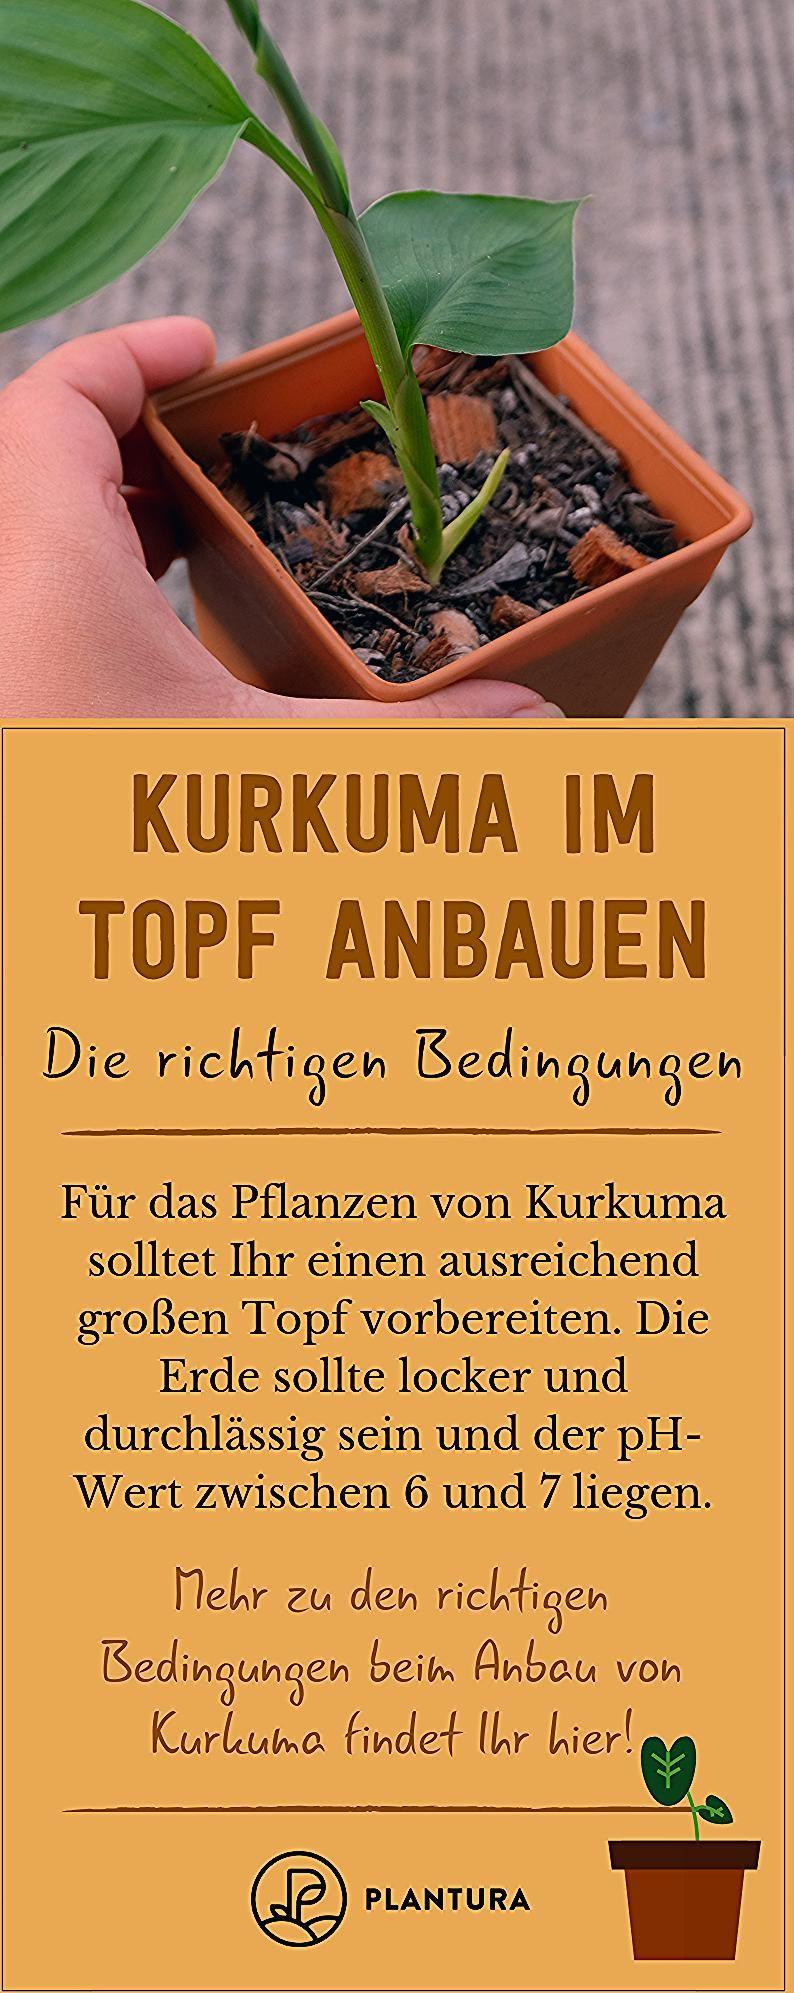 Photo of Kurkuma im Topf anbauen: 5 Tipps für die erfolgreiche Ernte – Plantura